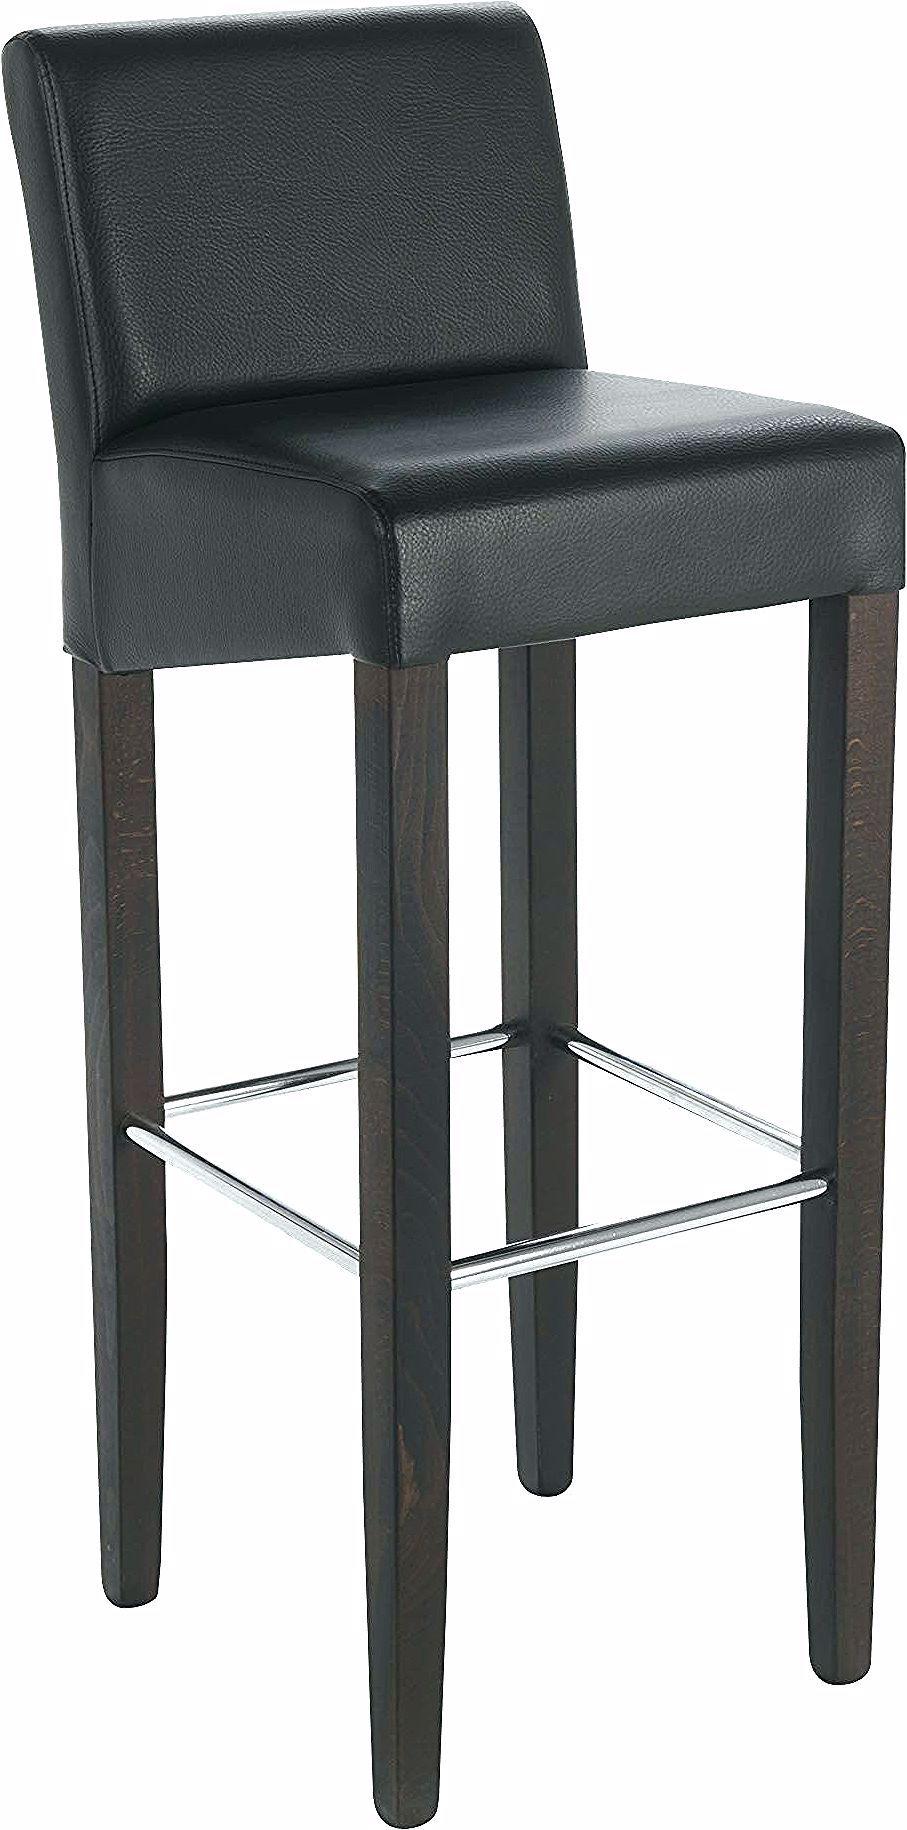 Table Exterieure Ikea Frais Graphie 30 Frais Tabouret Haut Exterieur Meubles De Jardin Est Souvent Vendu Comme Un Ensemble De Patio Compose D Une Table Quatr In 2020